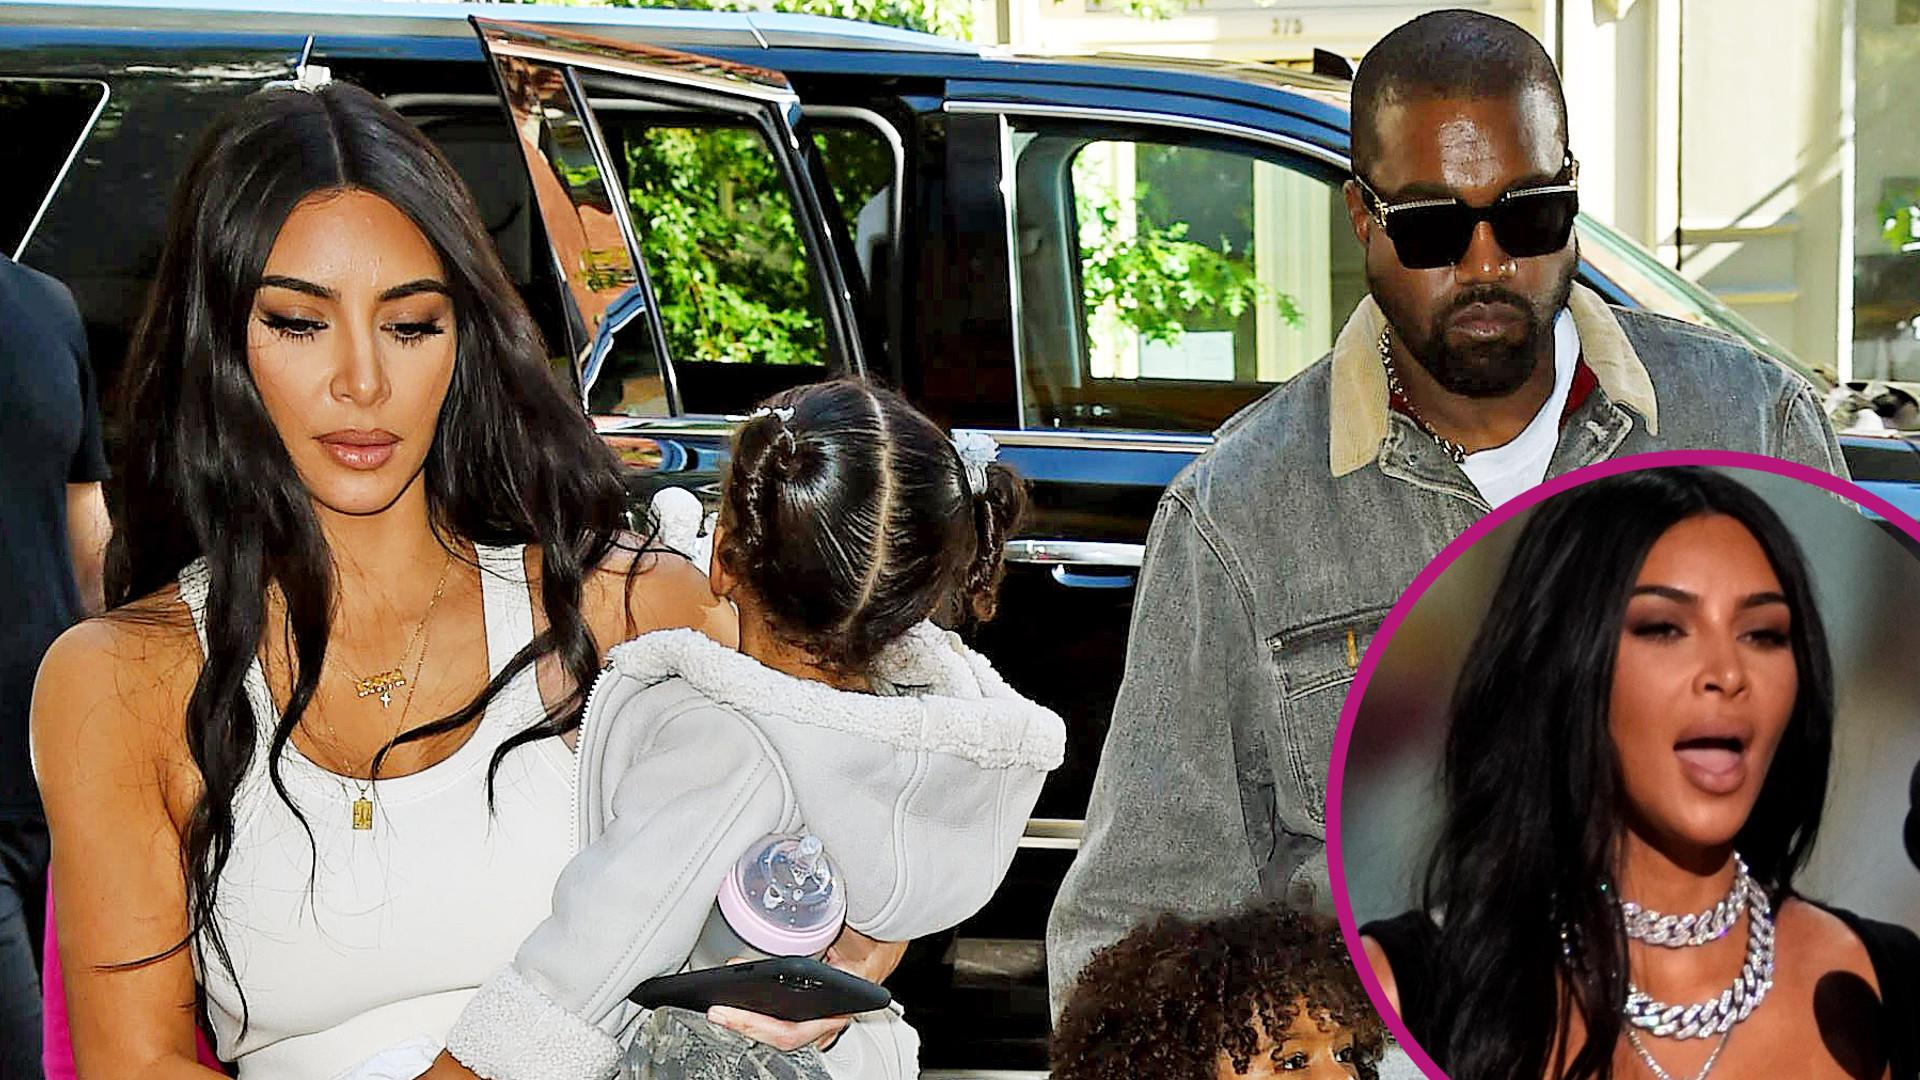 Kim i Kanye OSTRO się pokłócili o wyzywający wygląd celebrytki